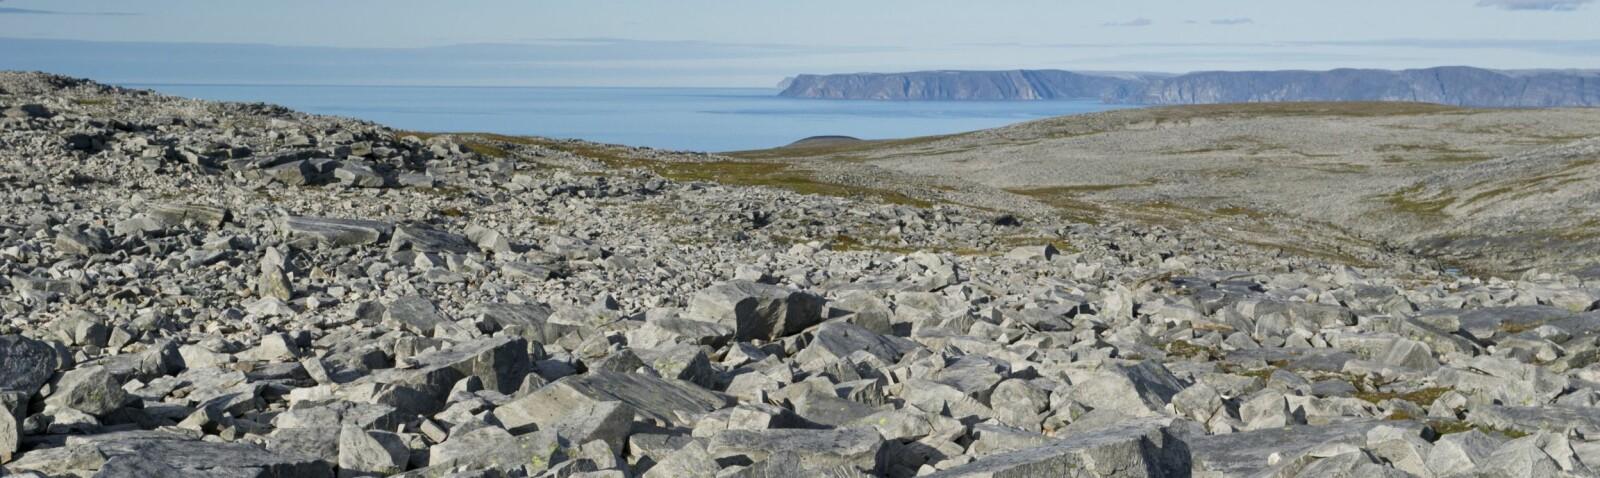 <b>TIL FOTS:</b> Fra 200-300 meter over havet er det høyfjellterreng med mye blokkmark. Havskodde og uvær kan gjøre orientering til en utfordring, også sommerstid.